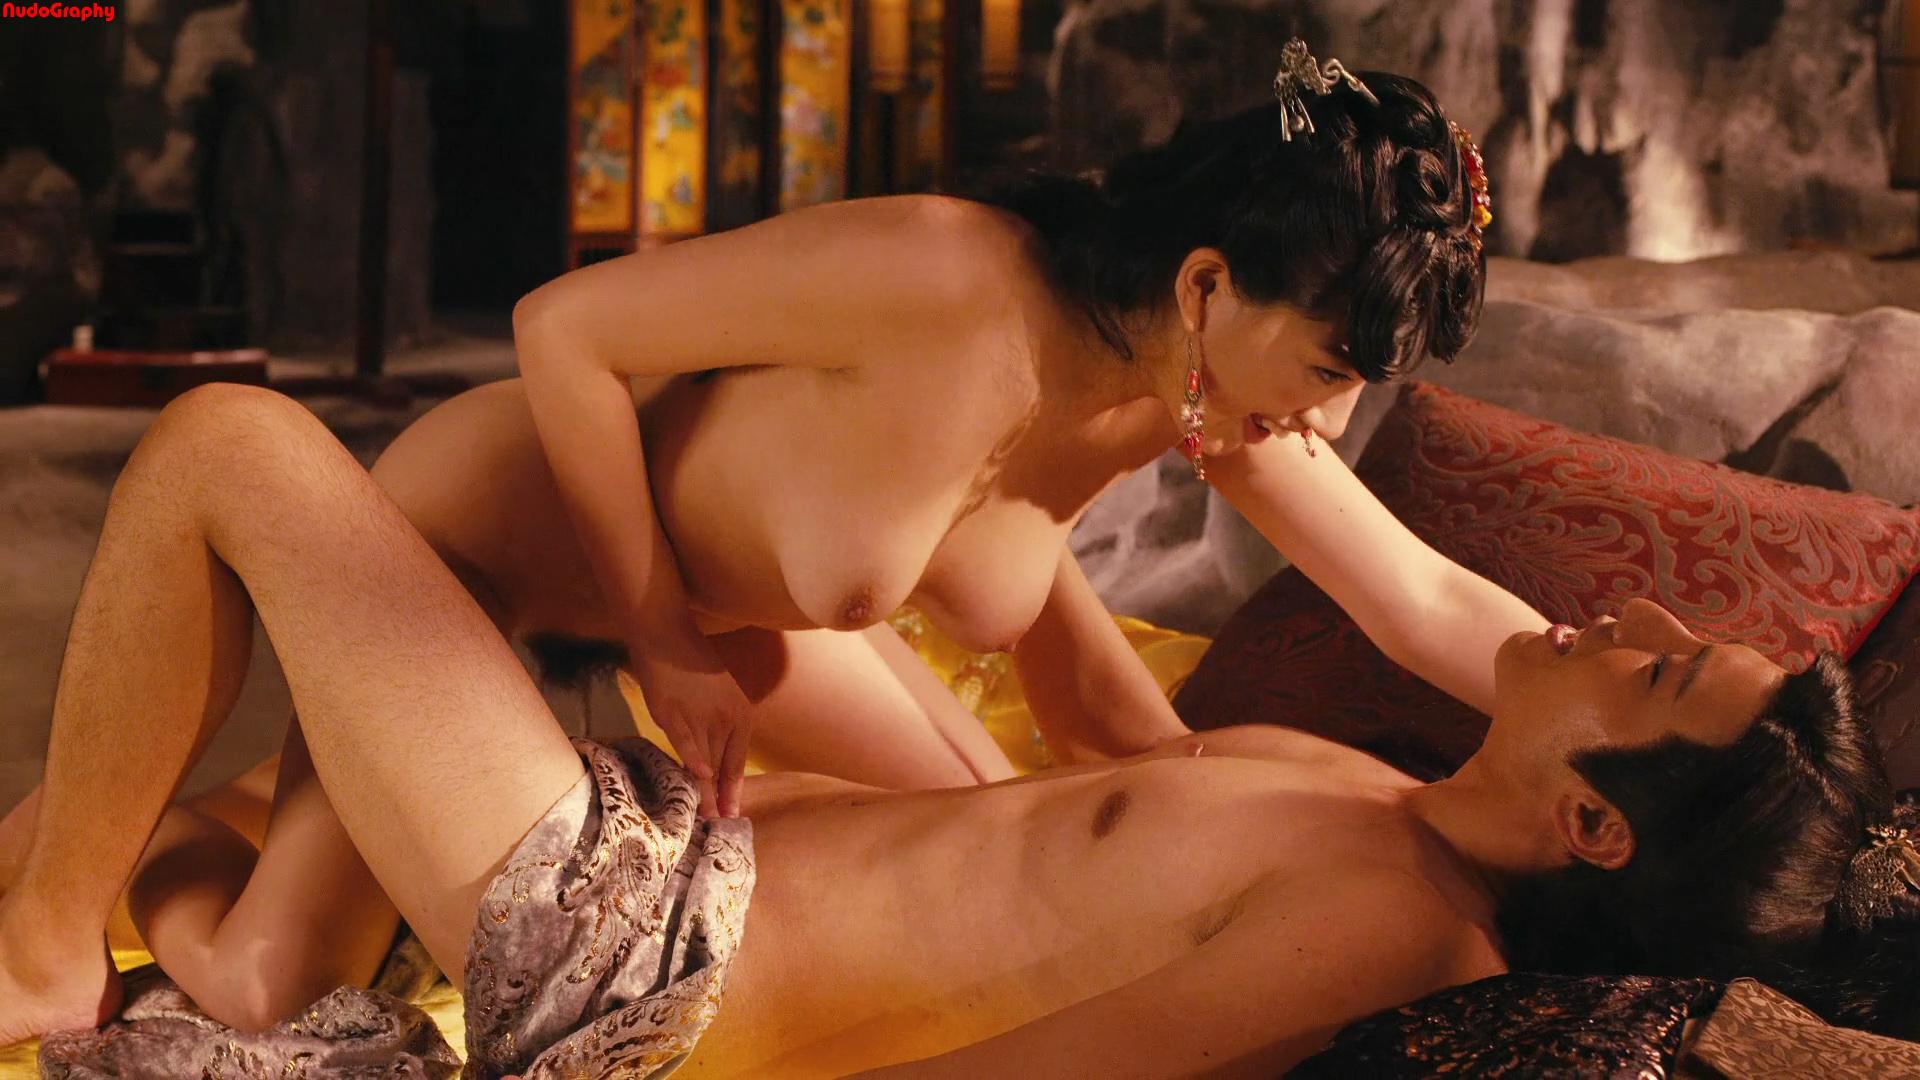 krupnoy-posmotret-v-onlayne-eroticheskiy-film-studenti-razvlekayutsya-lesu